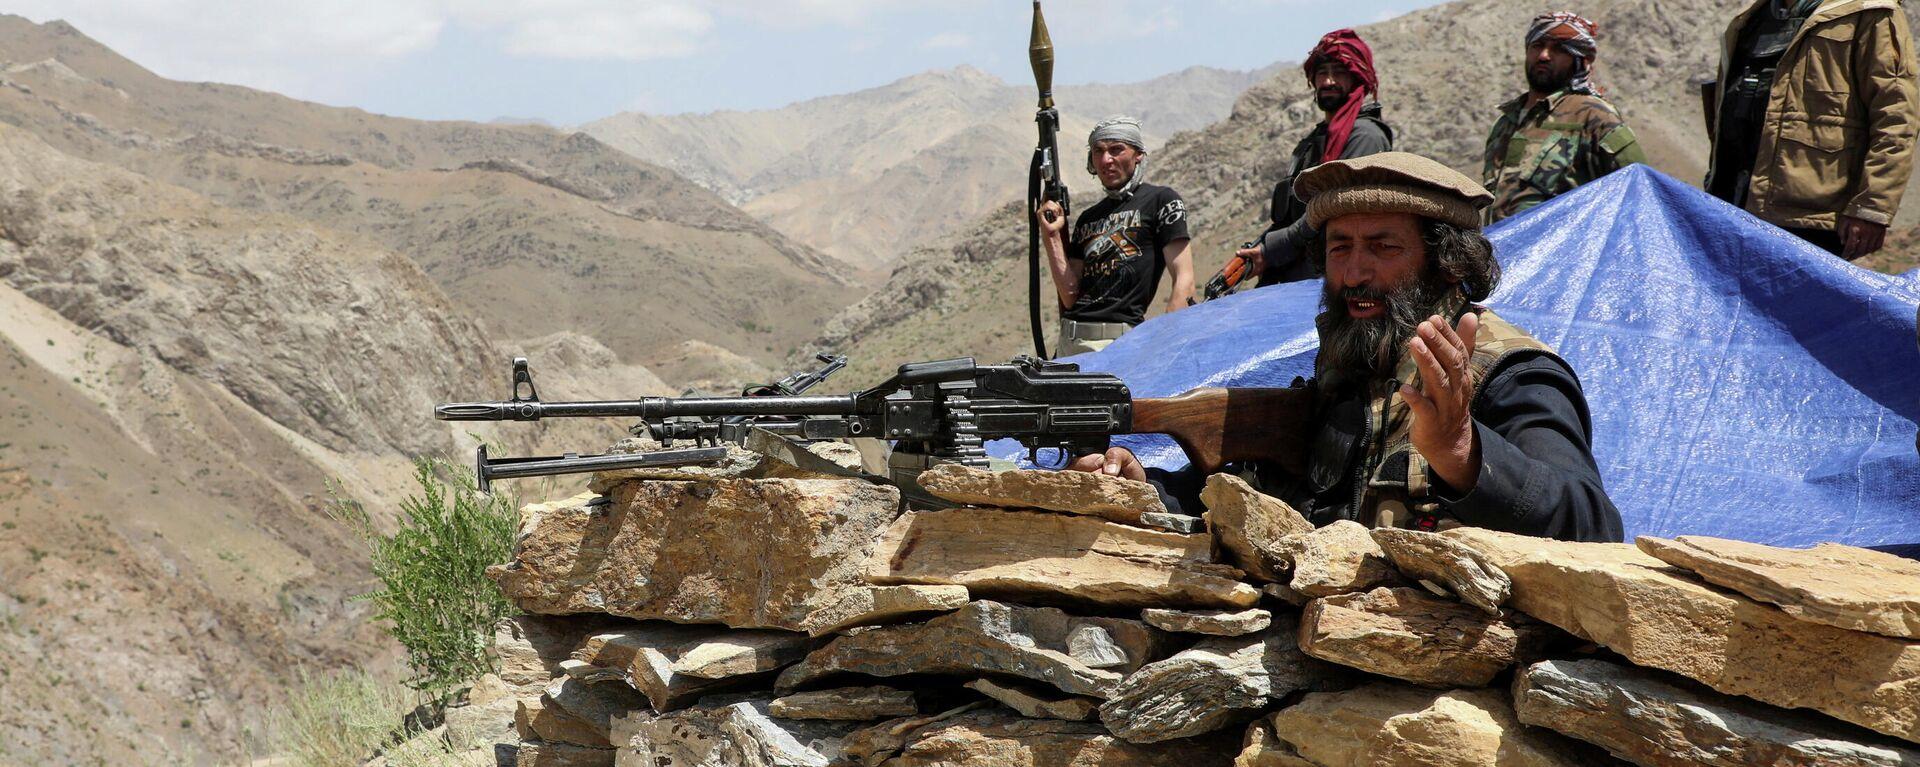 Вооруженные люди, выступающие против восстания талибов - Sputnik Таджикистан, 1920, 08.07.2021